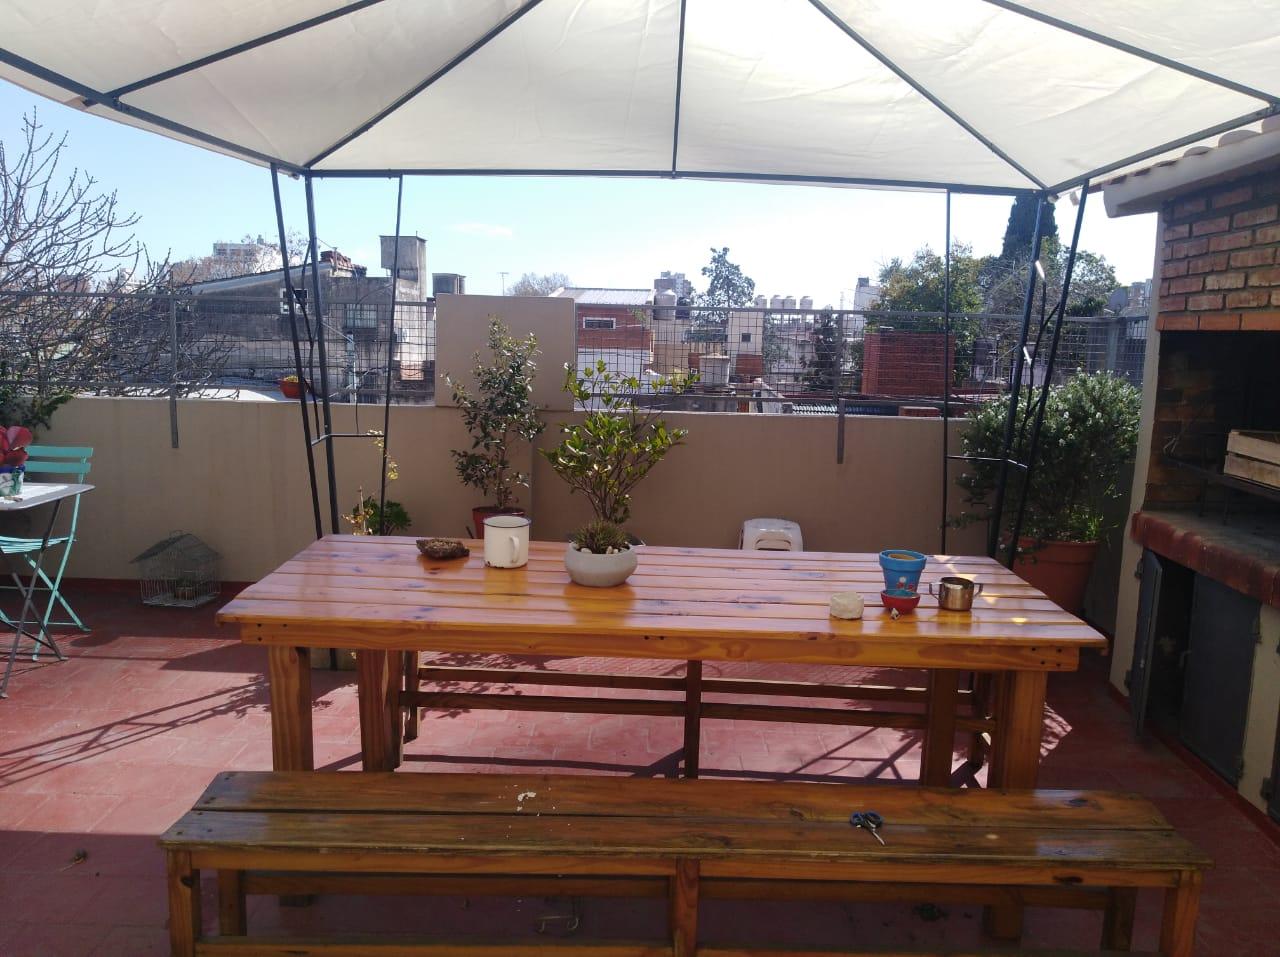 Impecable Y Muy Funcional Casa Con Terraza Bmd Bogo